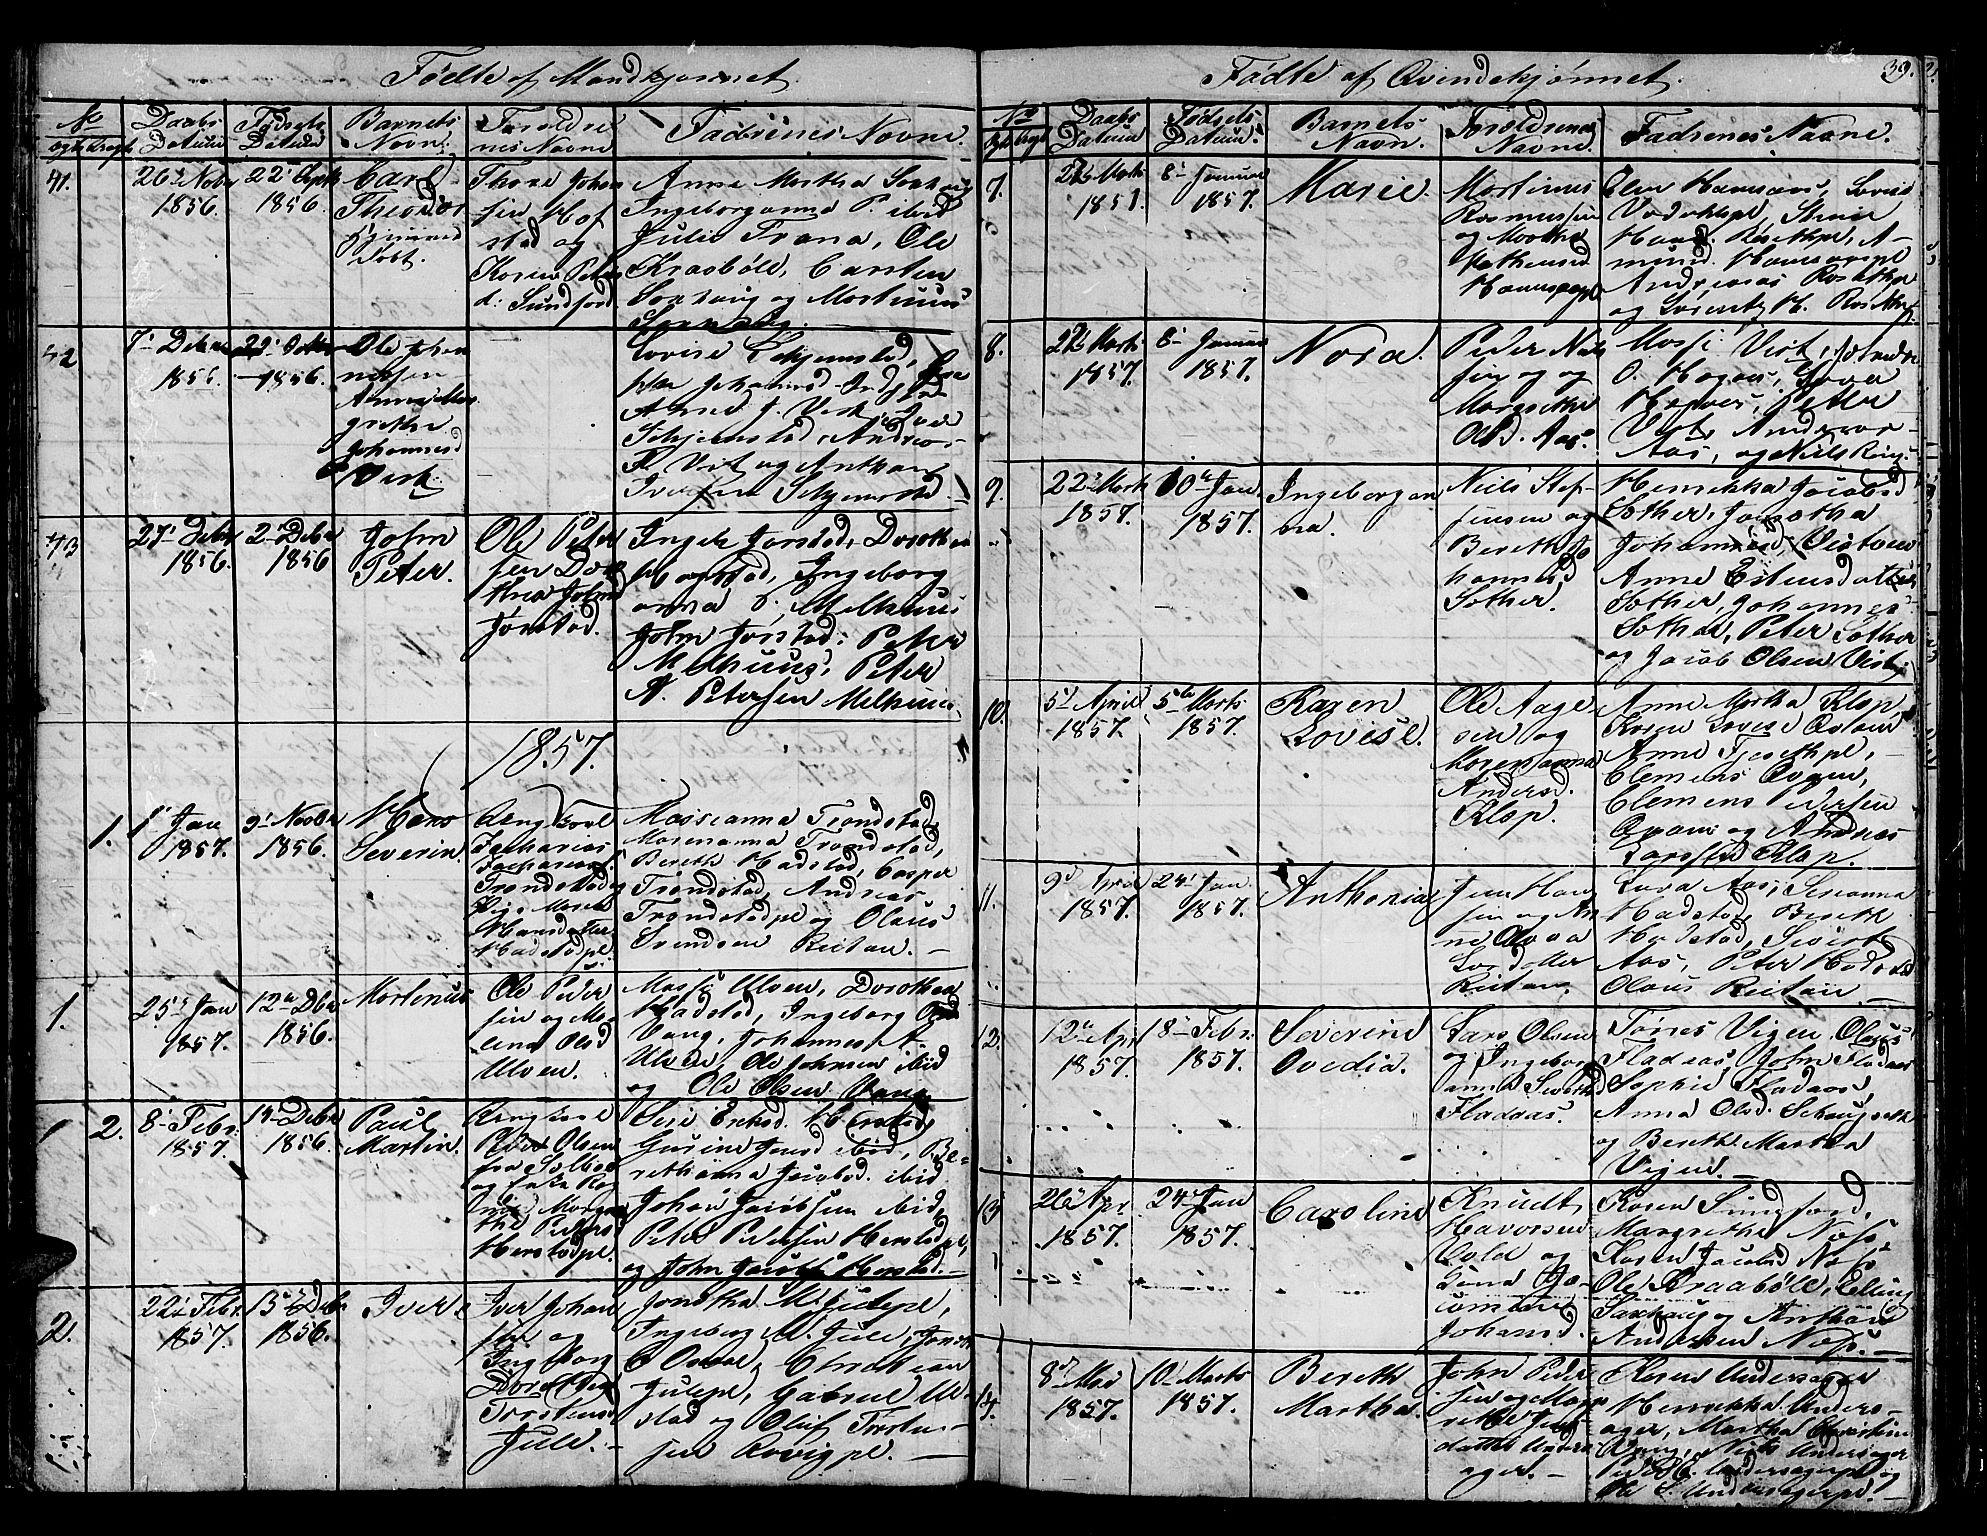 SAT, Ministerialprotokoller, klokkerbøker og fødselsregistre - Nord-Trøndelag, 730/L0299: Klokkerbok nr. 730C02, 1849-1871, s. 39